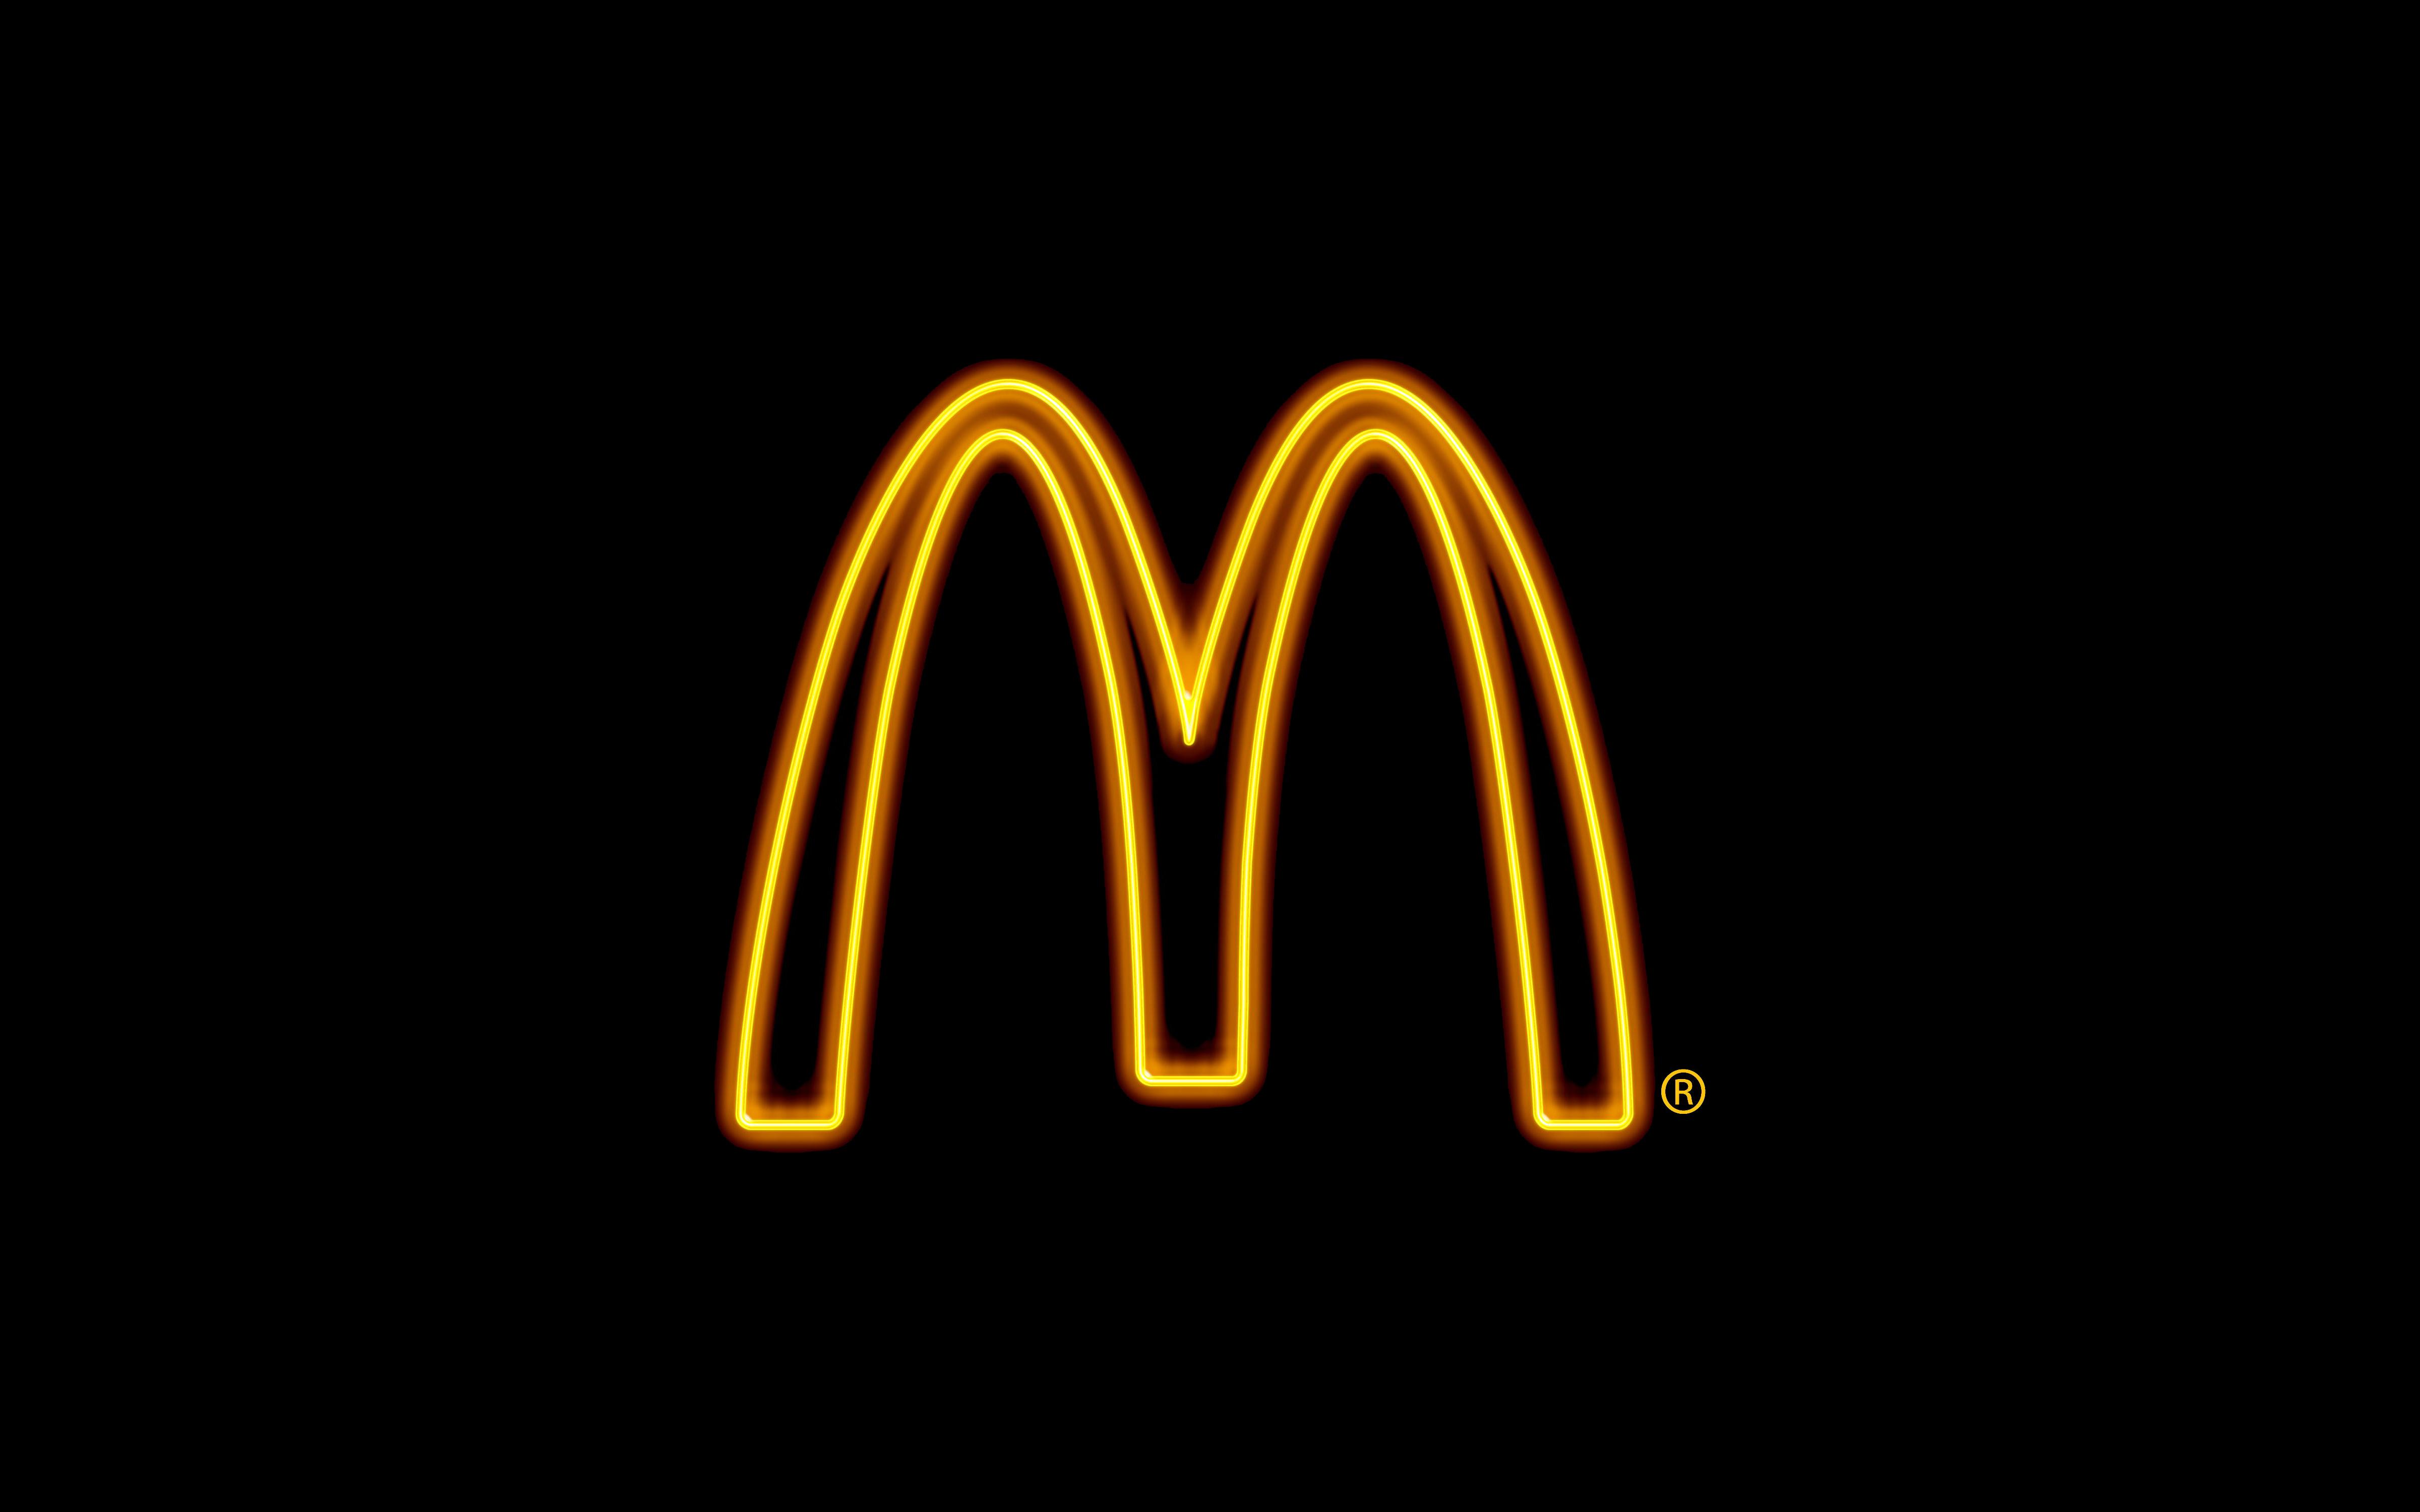 Best Mcdonalds Food When High